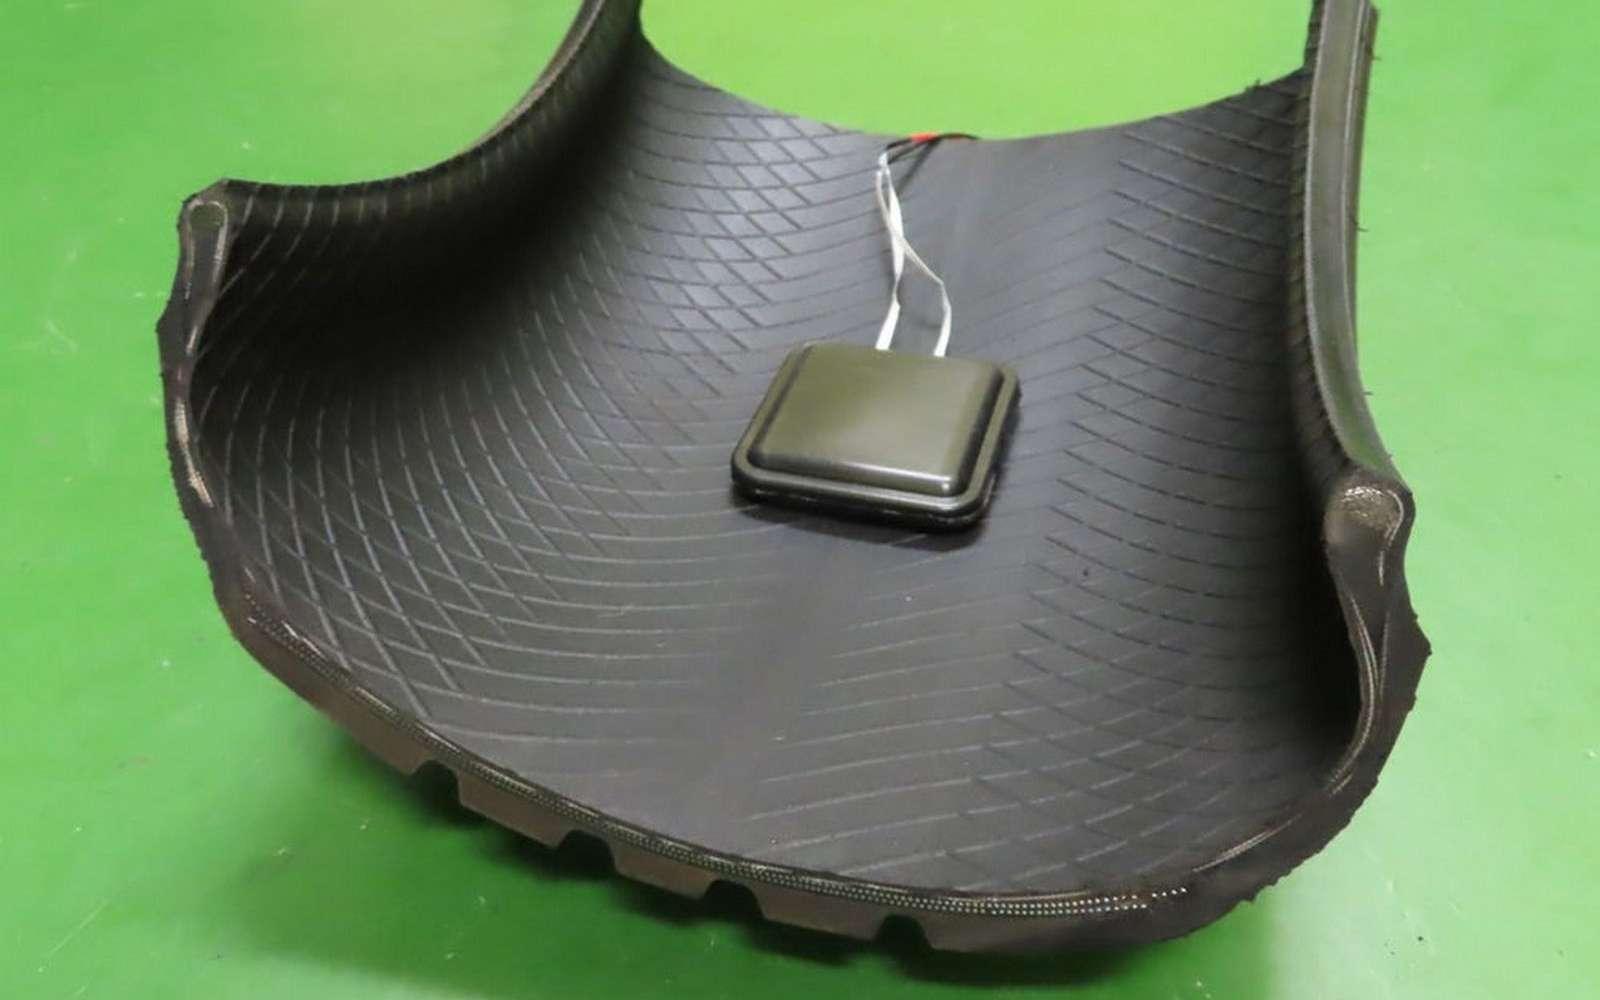 Le boîtier conçu par Sumitomo et l'université de Kansai. © Sumitomo